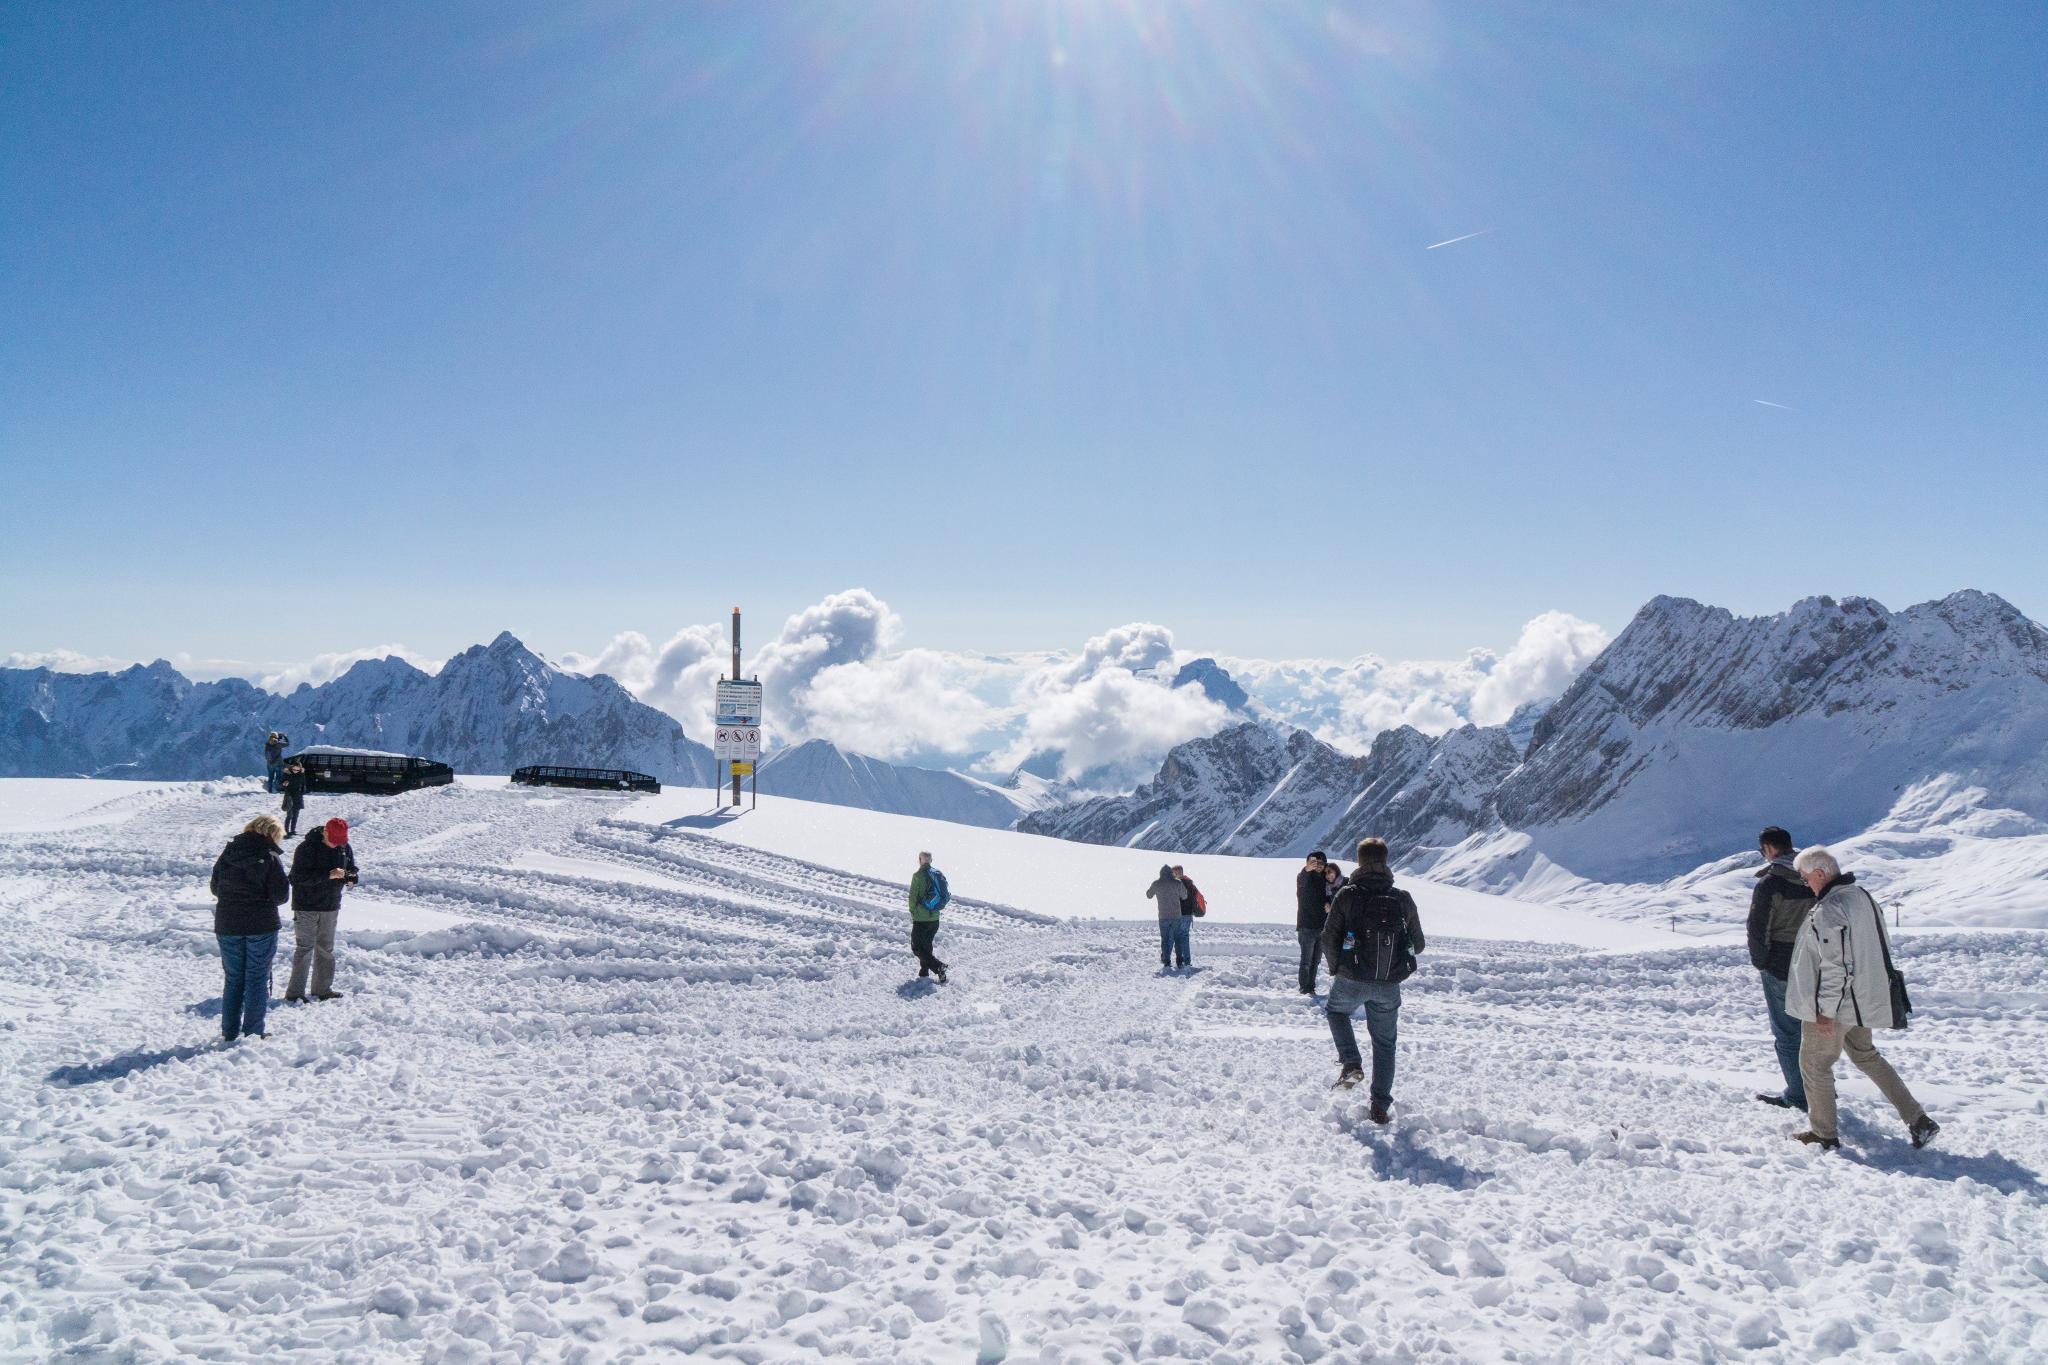 【德國】阿爾卑斯大道:楚格峰 (Zugspitze) 登上德國之巔 18